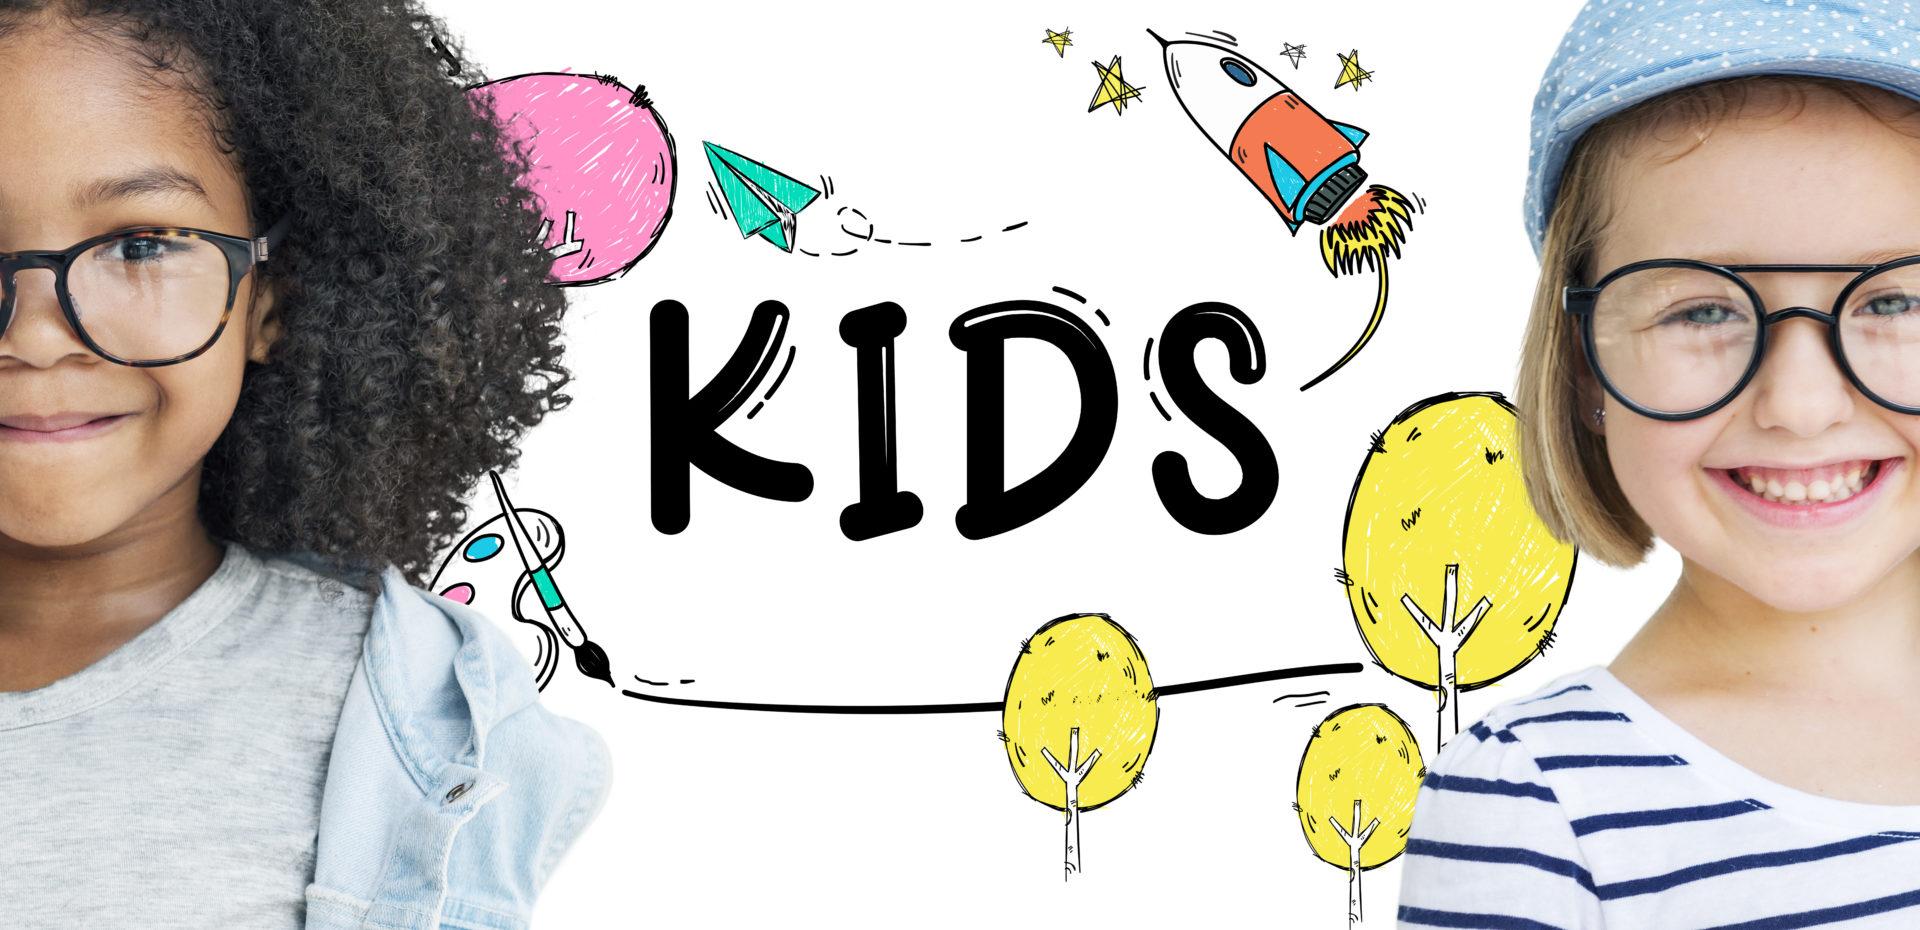 Idée Cadeau Pour Enfant (Fille) De 6 Ans À 12 Ans - Jeux Et destiné Jeux Gratuit Pour Fille De 6 Ans